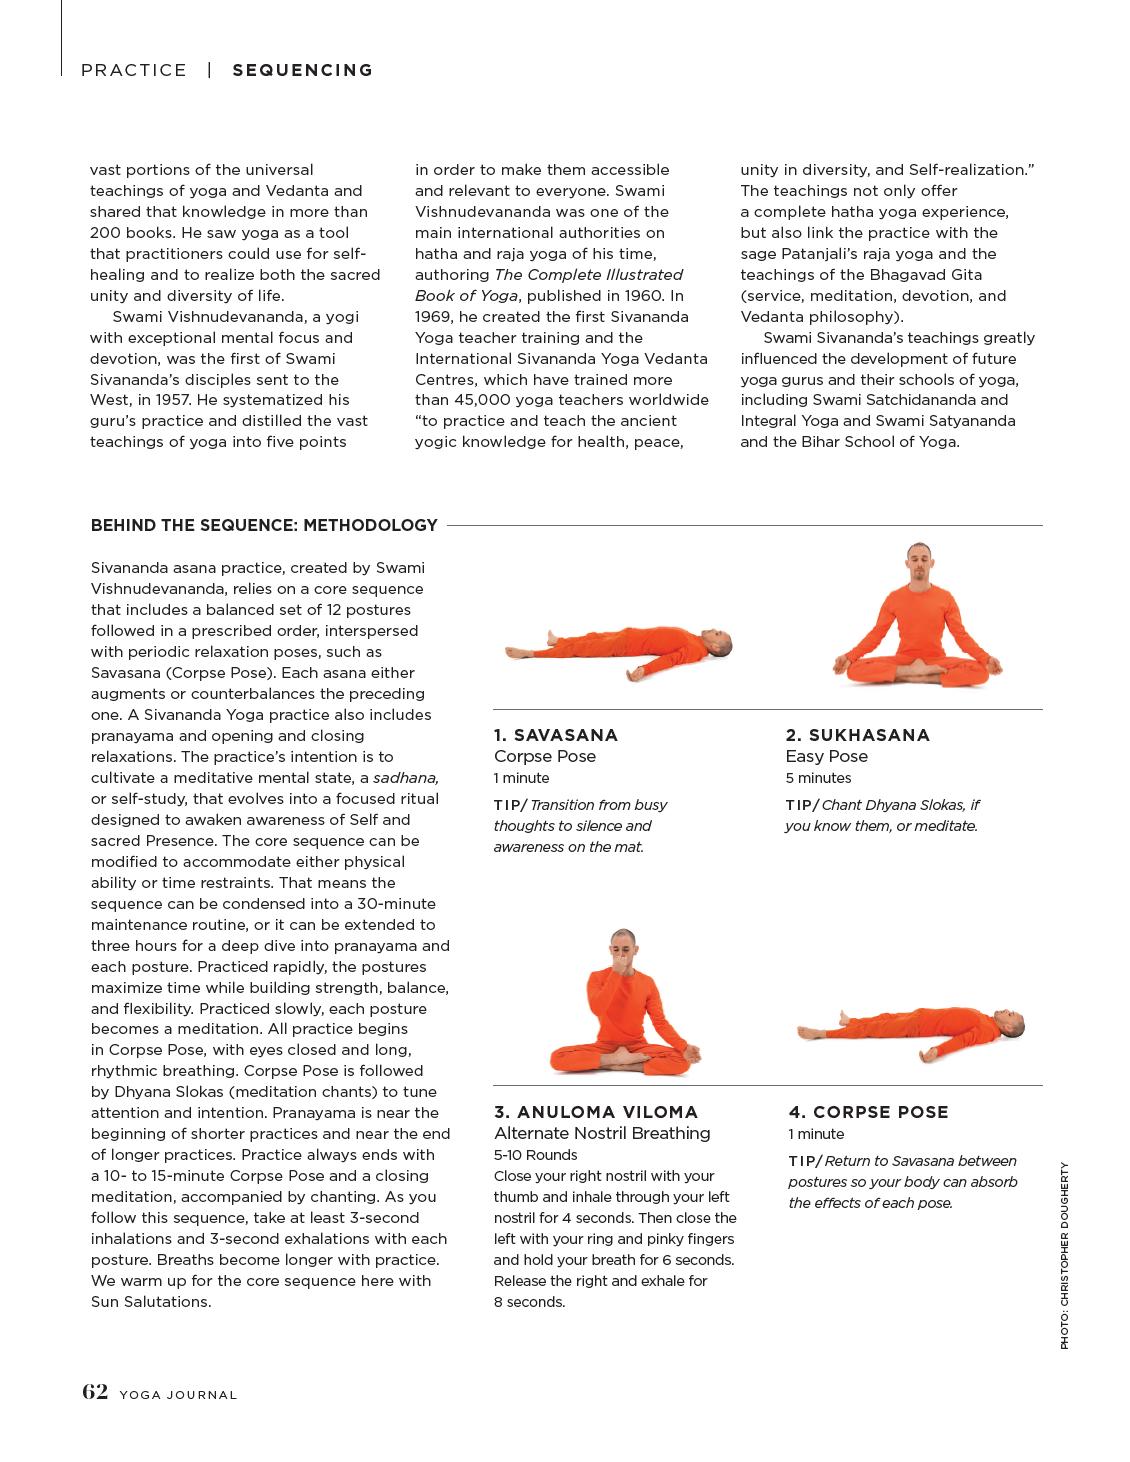 Raja Yoga Archives  Sivananda Ashram Yoga Ranch